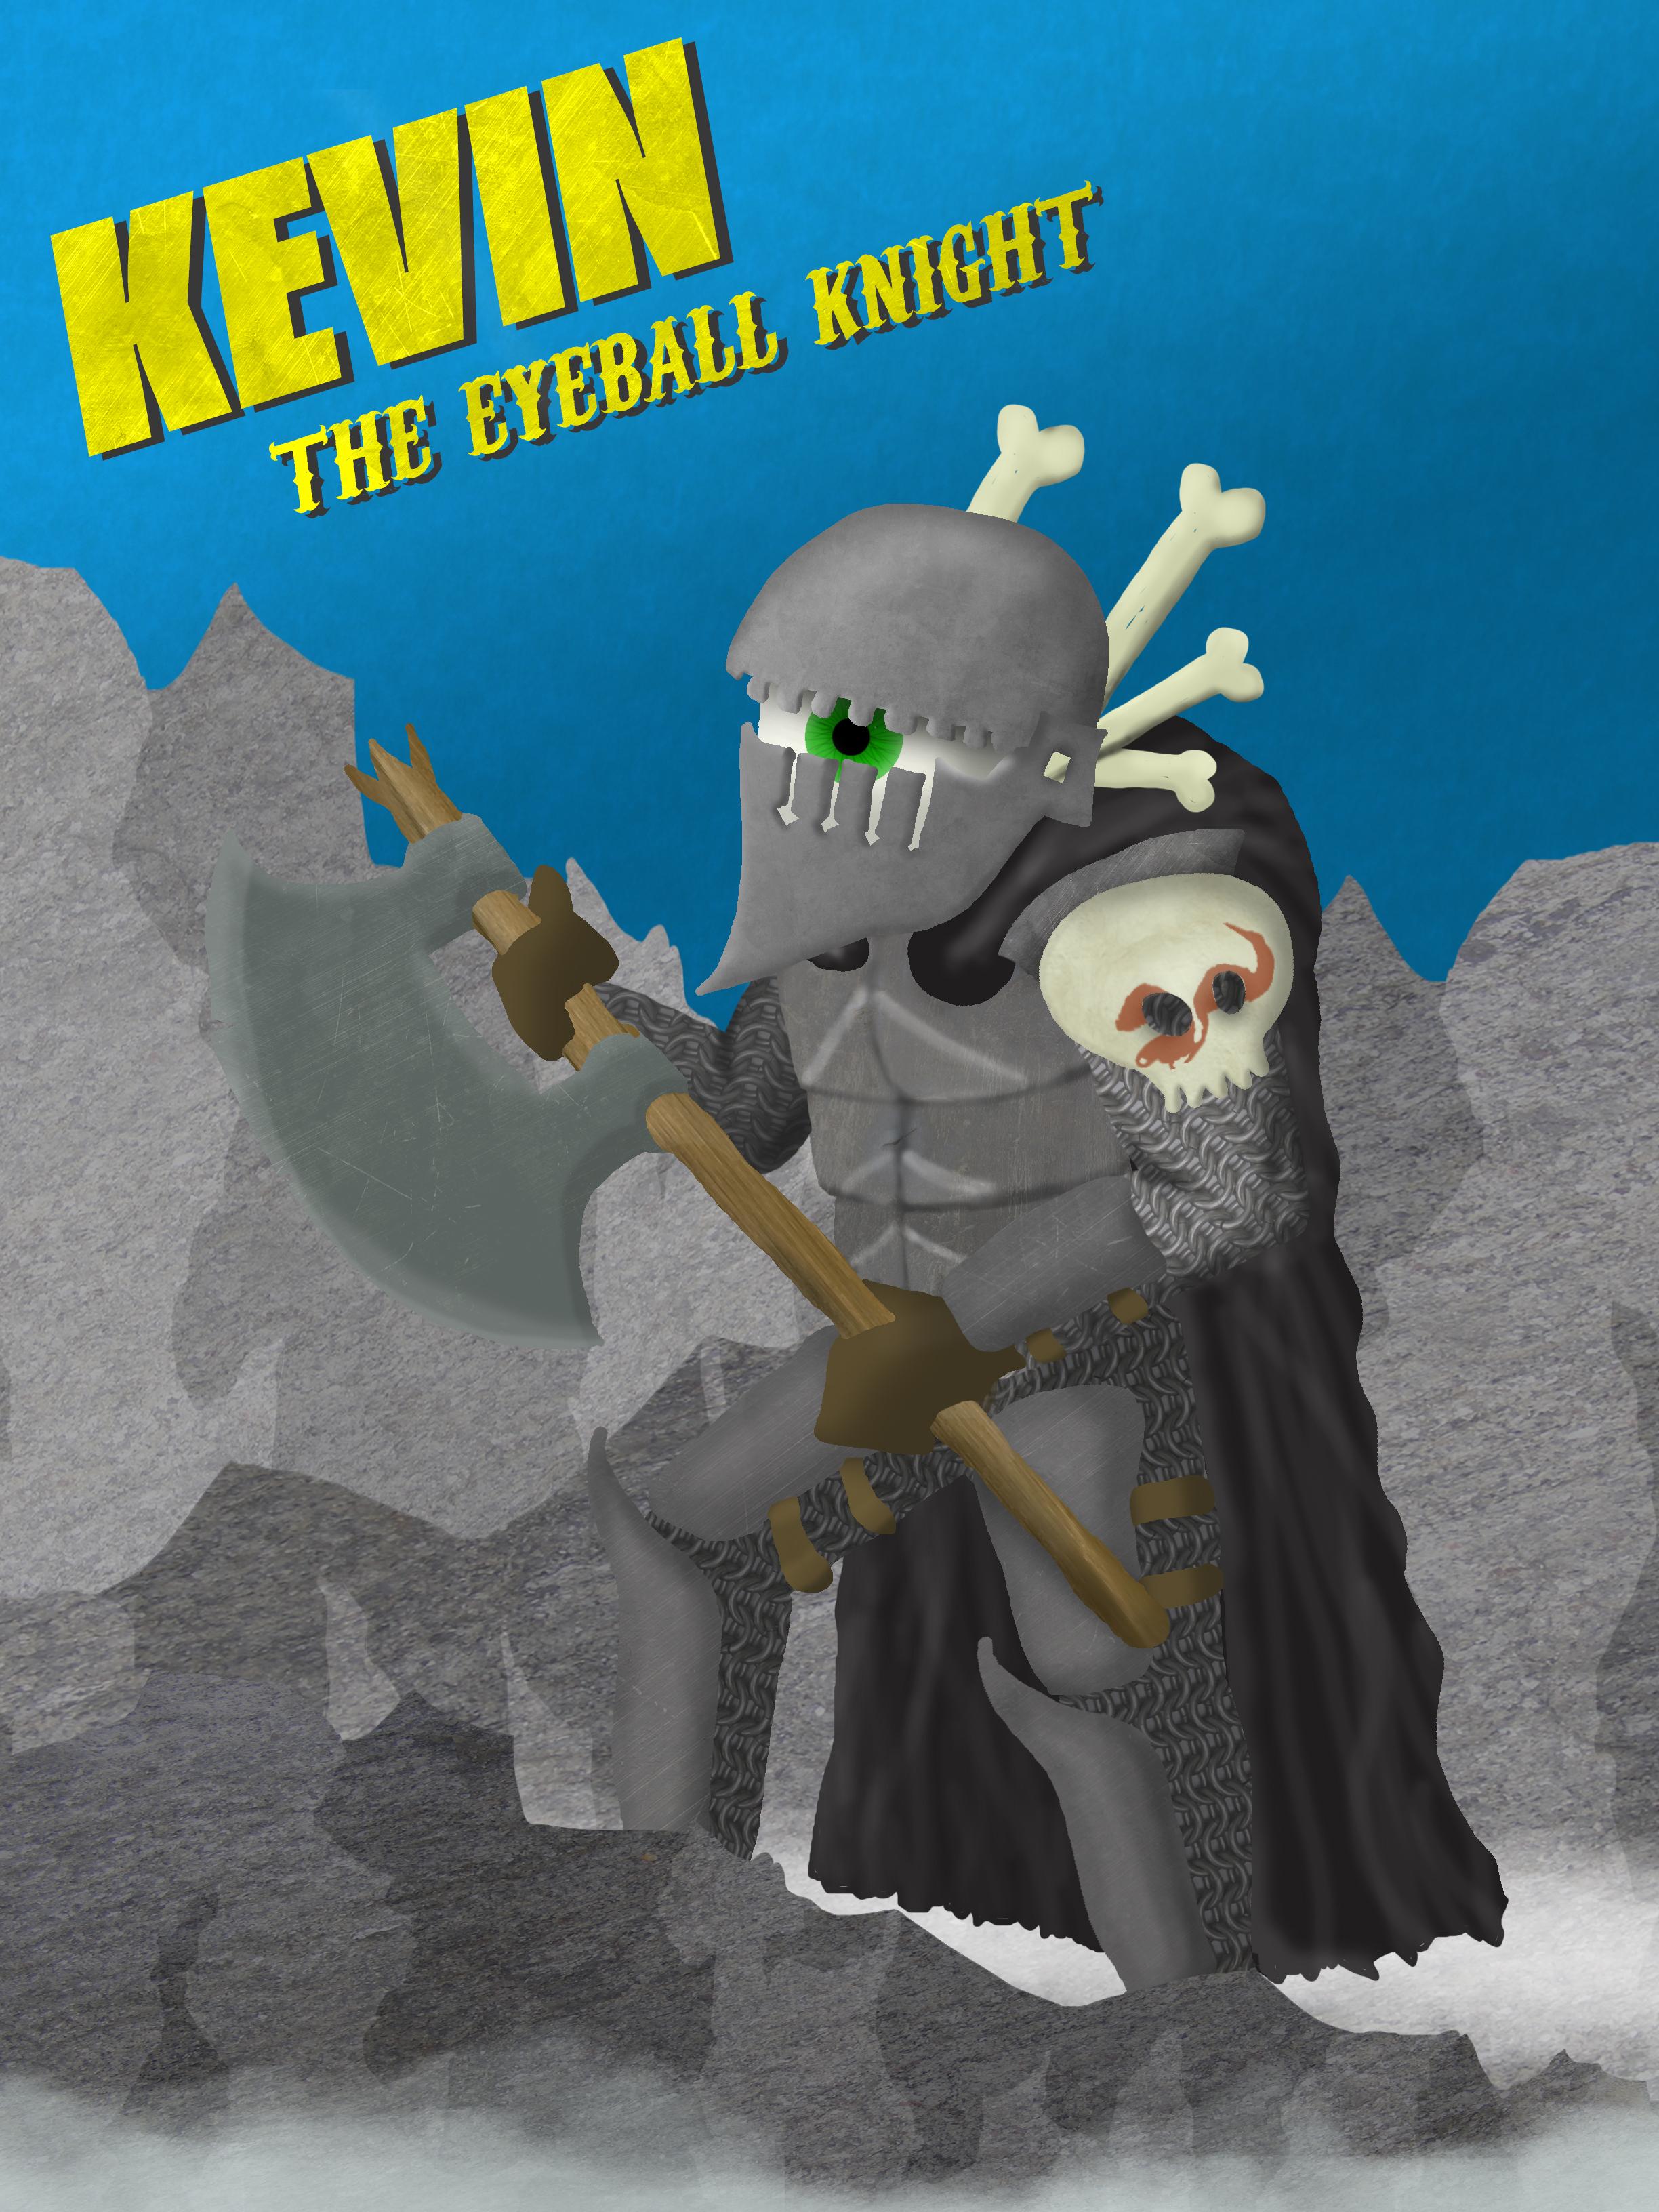 Kevin the eyeball Knight